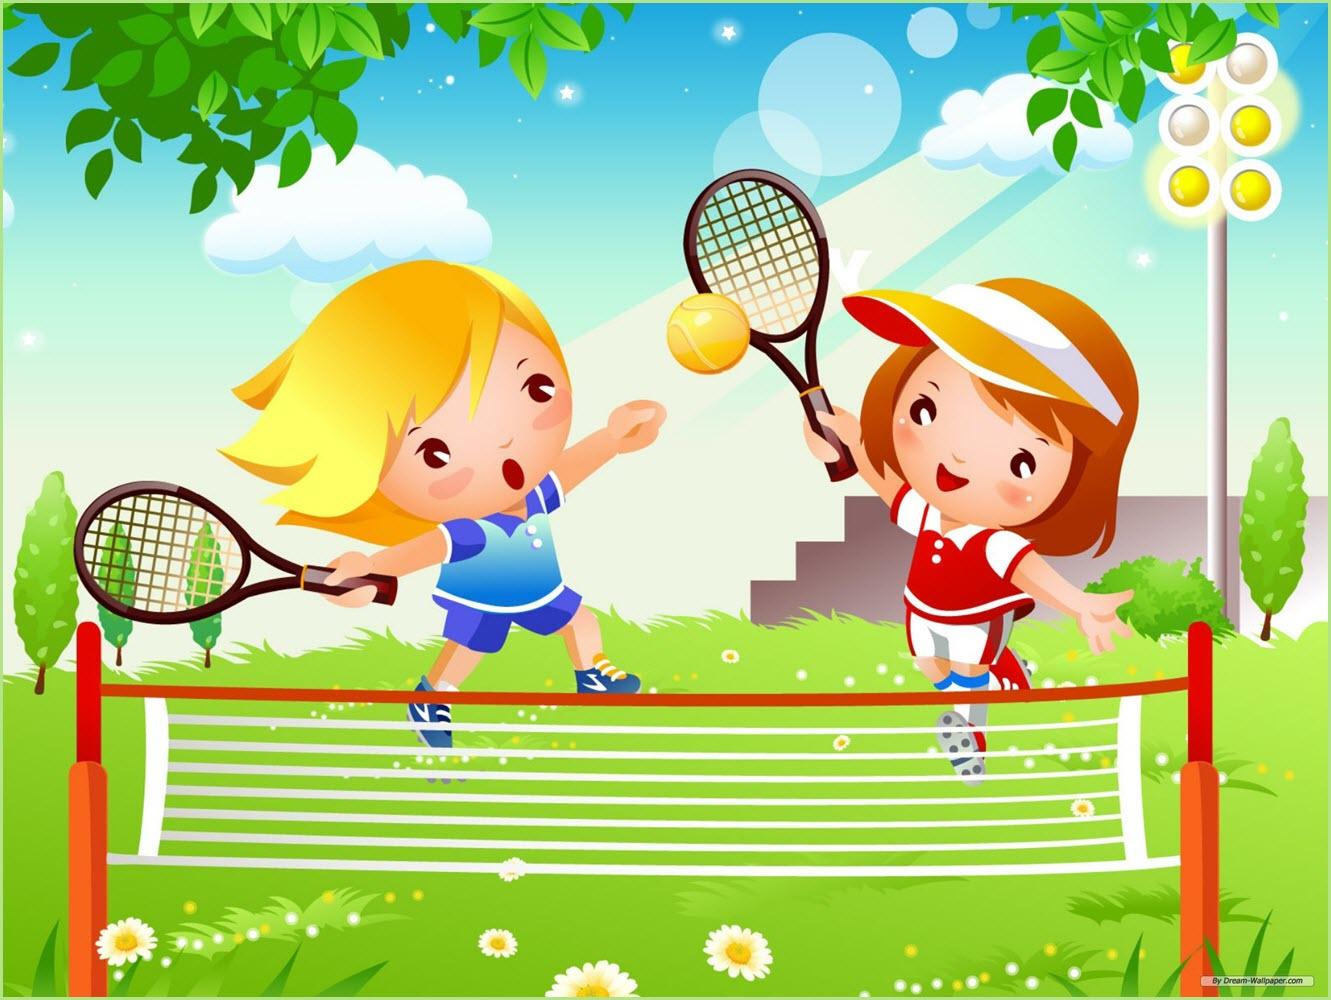 На картинке дети играют в теннис